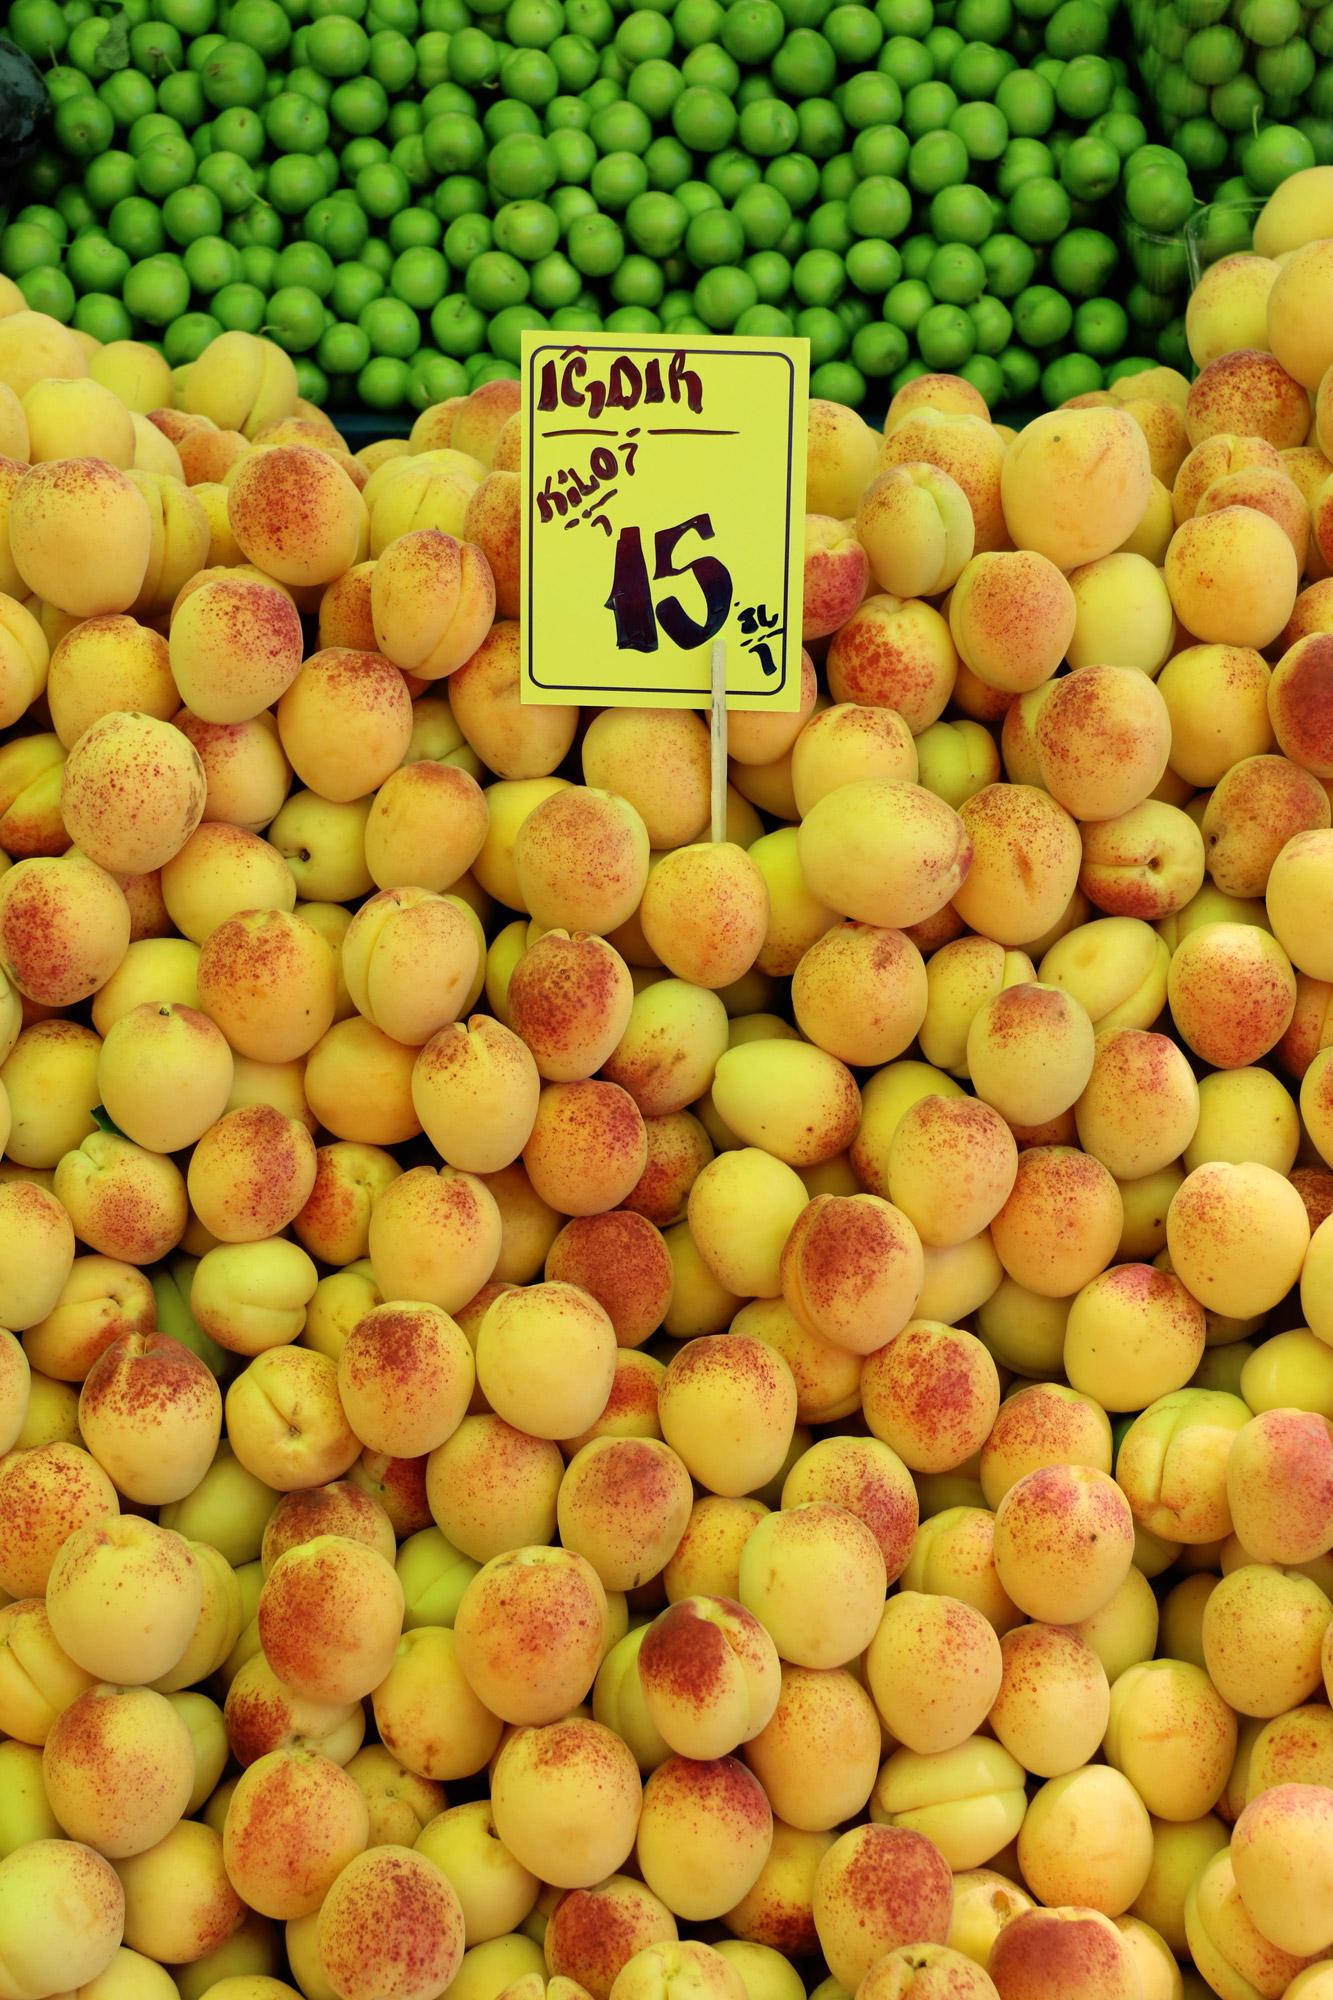 Turkije reisverslag: Laatste dag in Alaçatı - Groente en fruit op de markt van Alaçatı